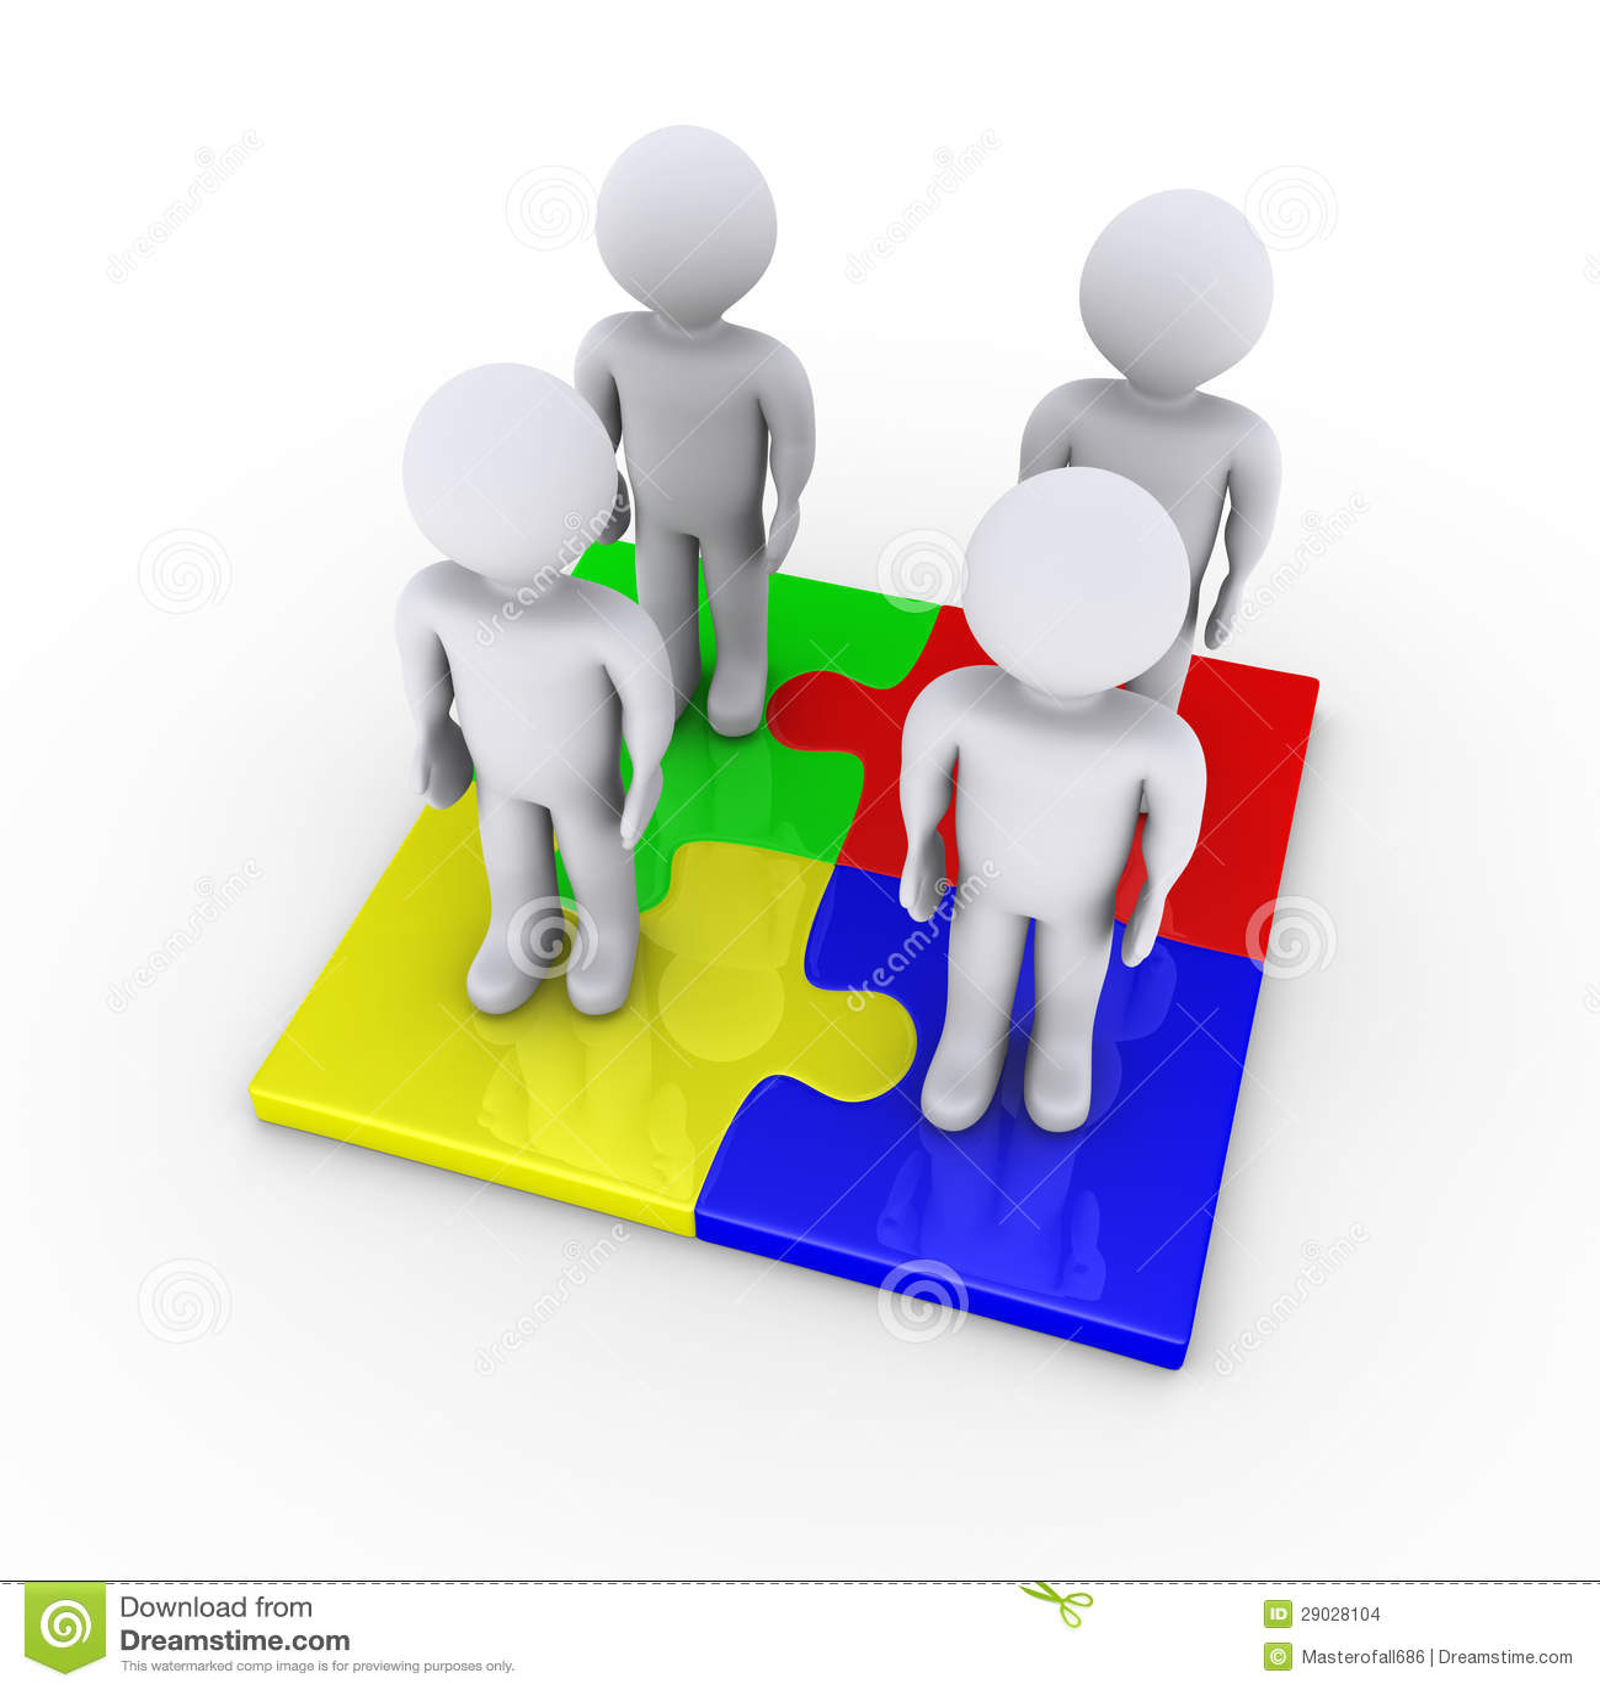 难题部分的四个人提供解决方法